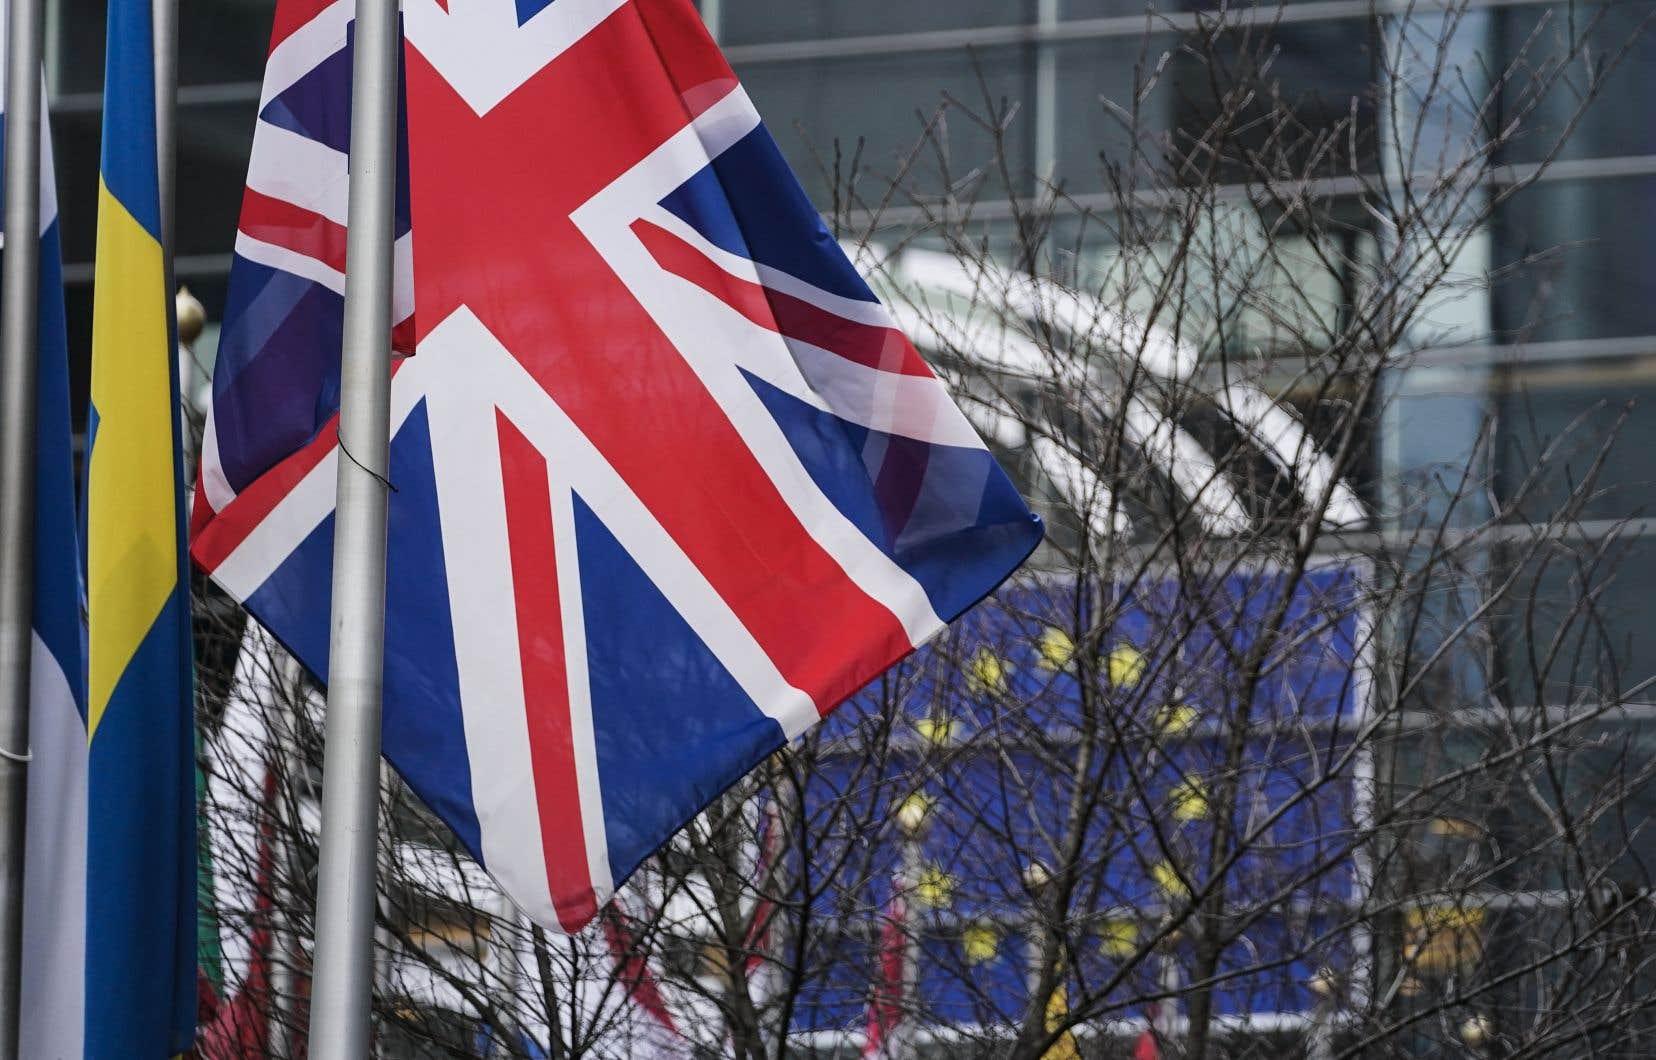 Le mandat de l'ambassadeur débutera le 1er février,date à partir de laquelle le Royaume-Uni sera un pays tiers et où la représentation de l'UE sera assurée par une délégation.